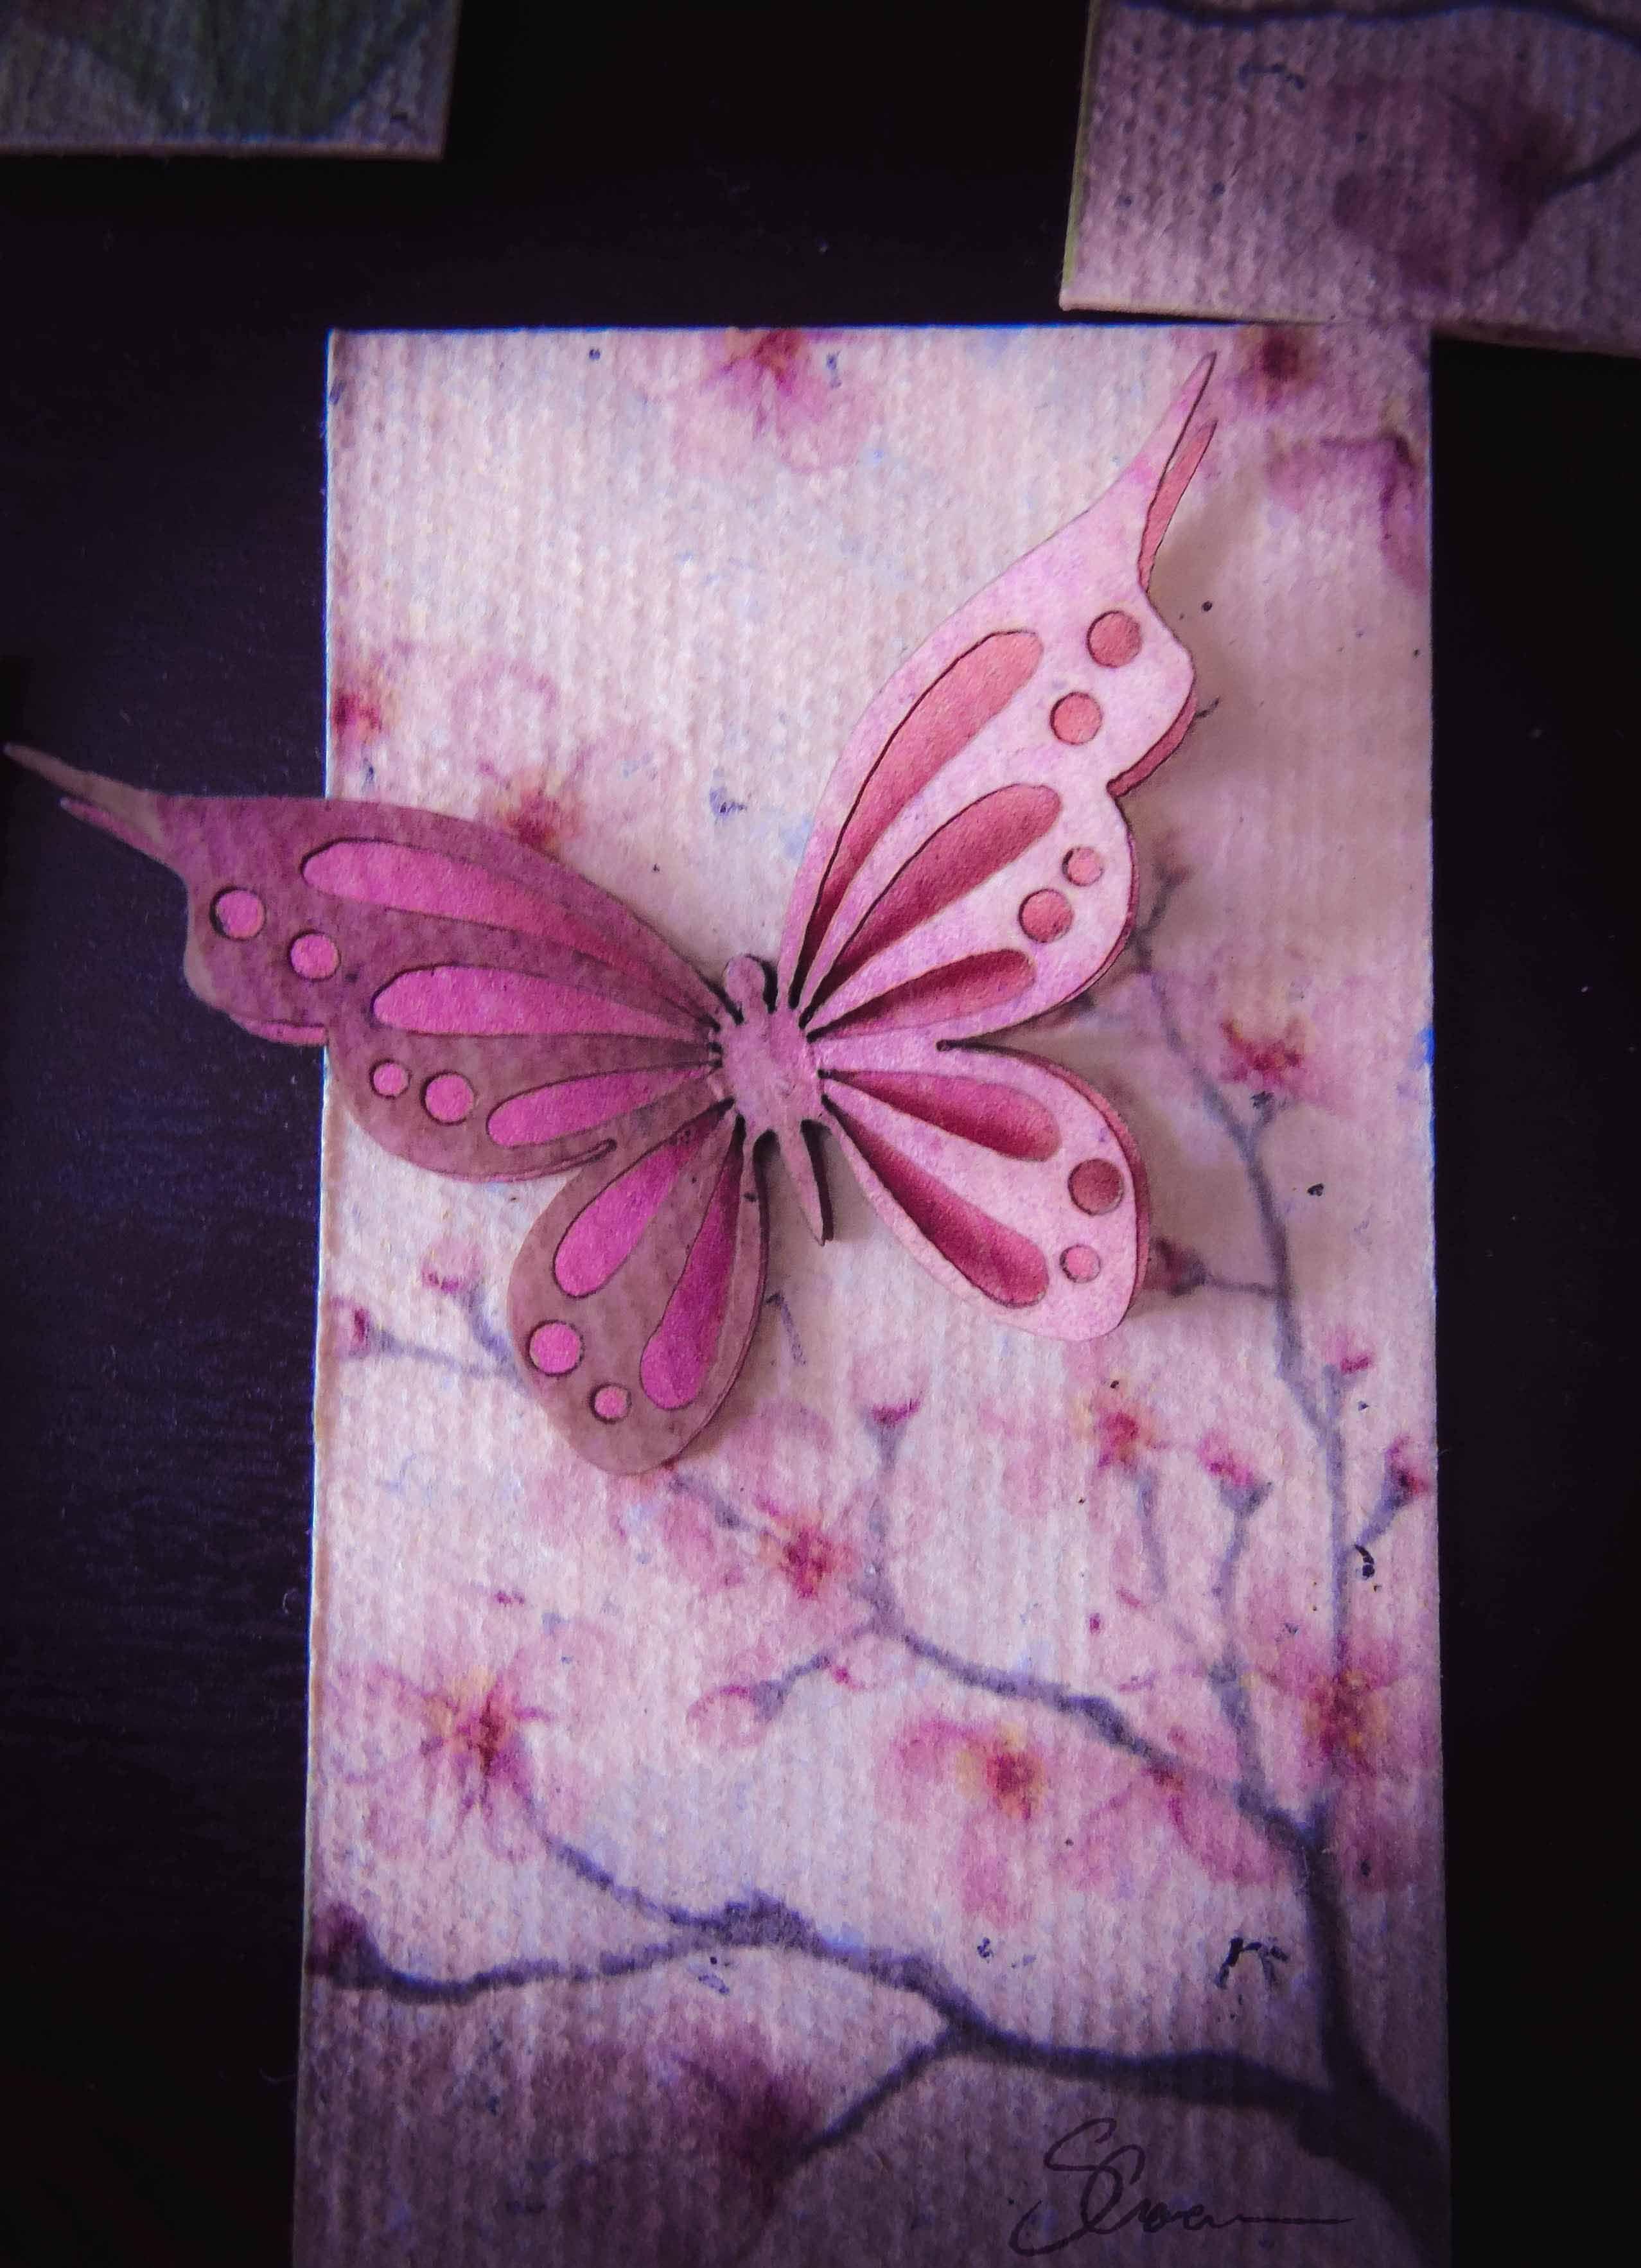 Handmade paper, lasercut, digital painting